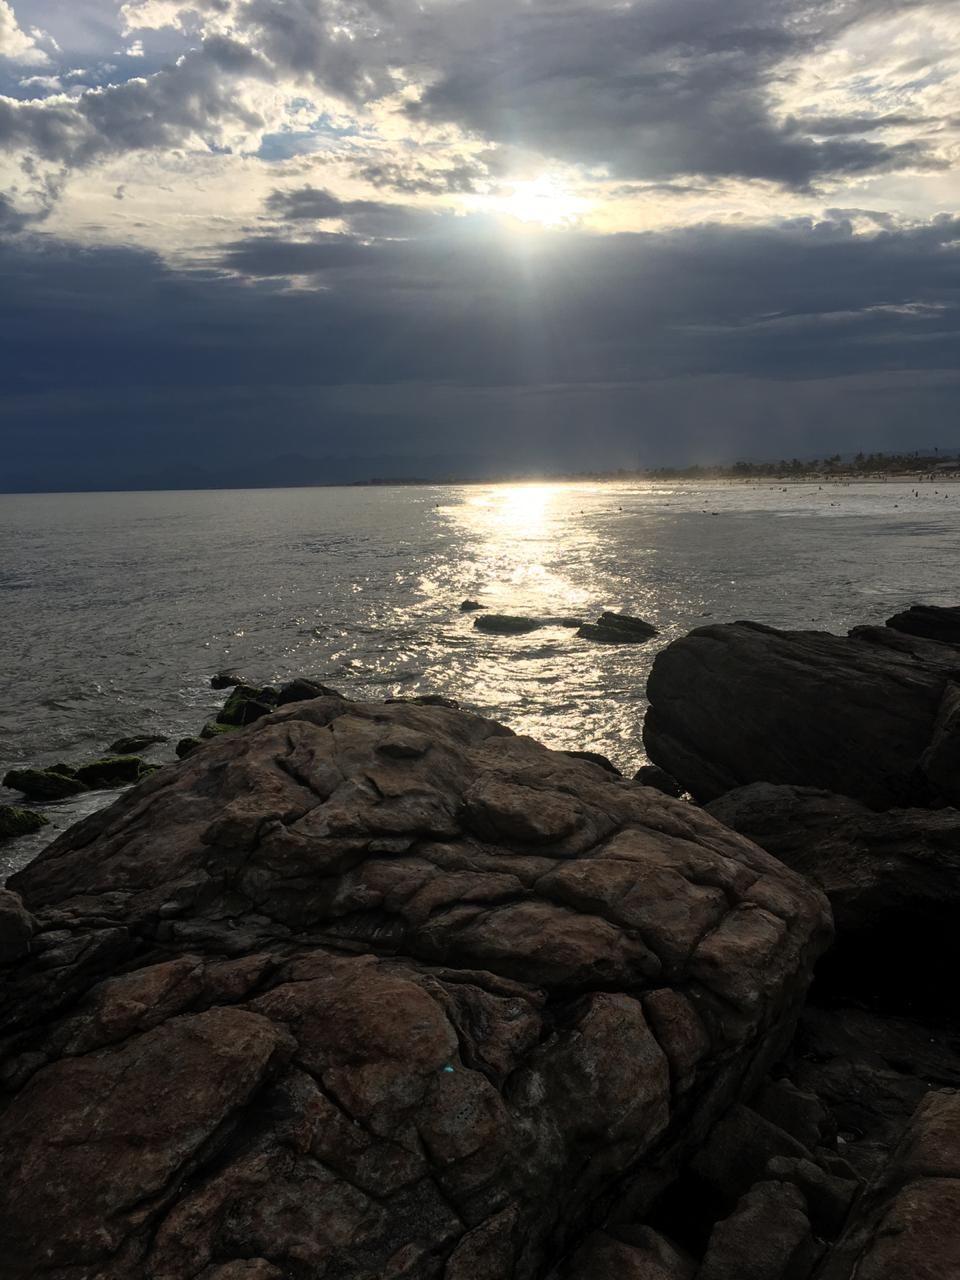 Praia Mar Ceu Nuvens Pedras Natureza Paisagem Wallpaper